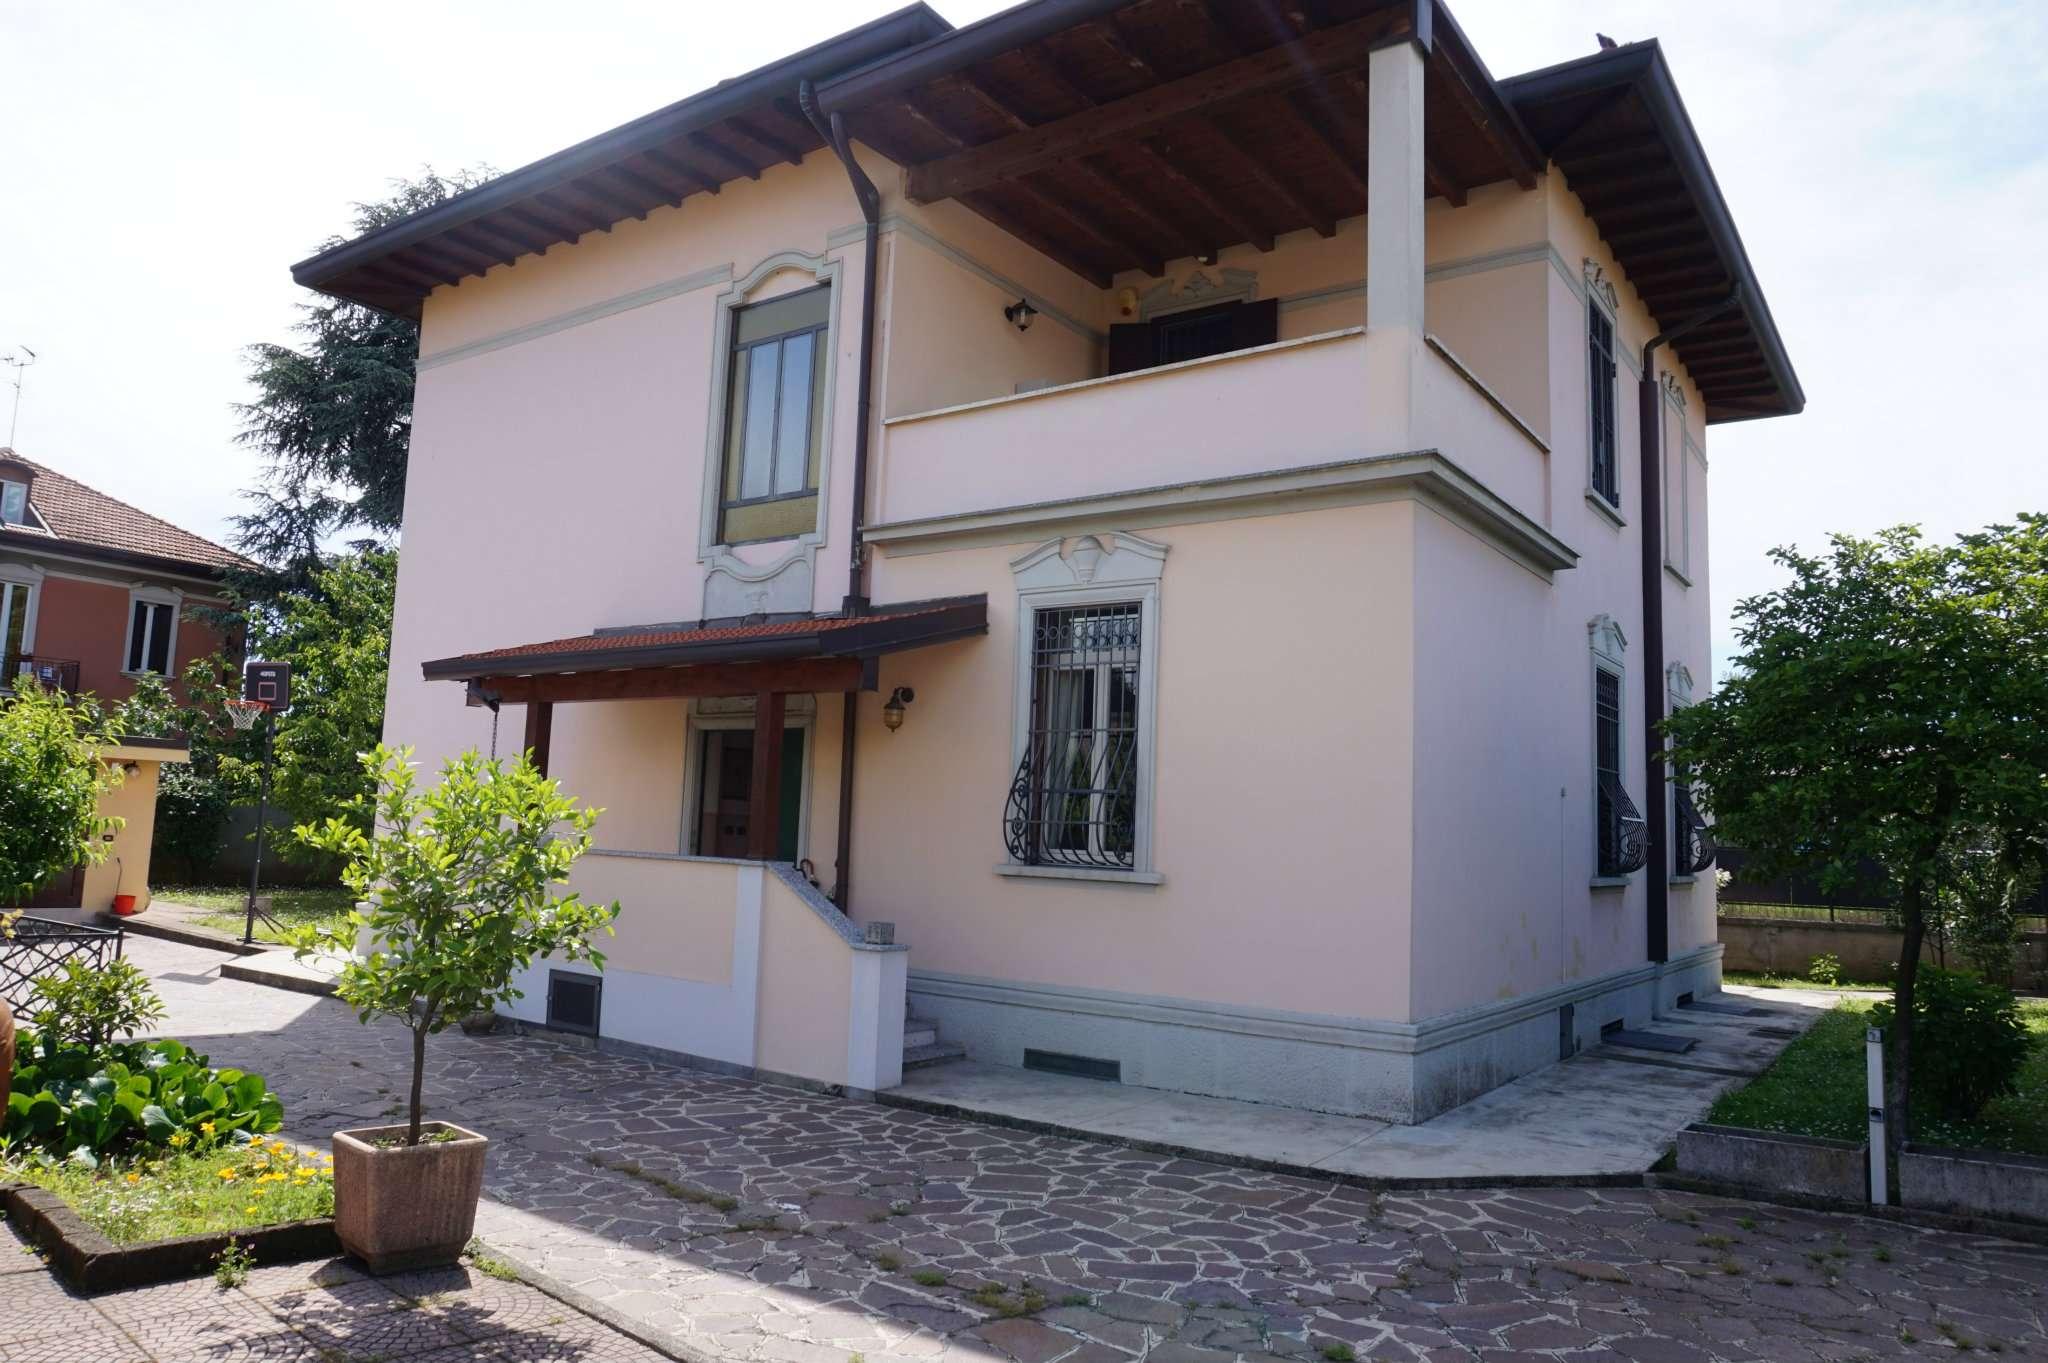 Villa in vendita a Monza, 6 locali, zona Zona: 6 . Triante, San Fruttuoso, Taccona, prezzo € 1.290.000   CambioCasa.it